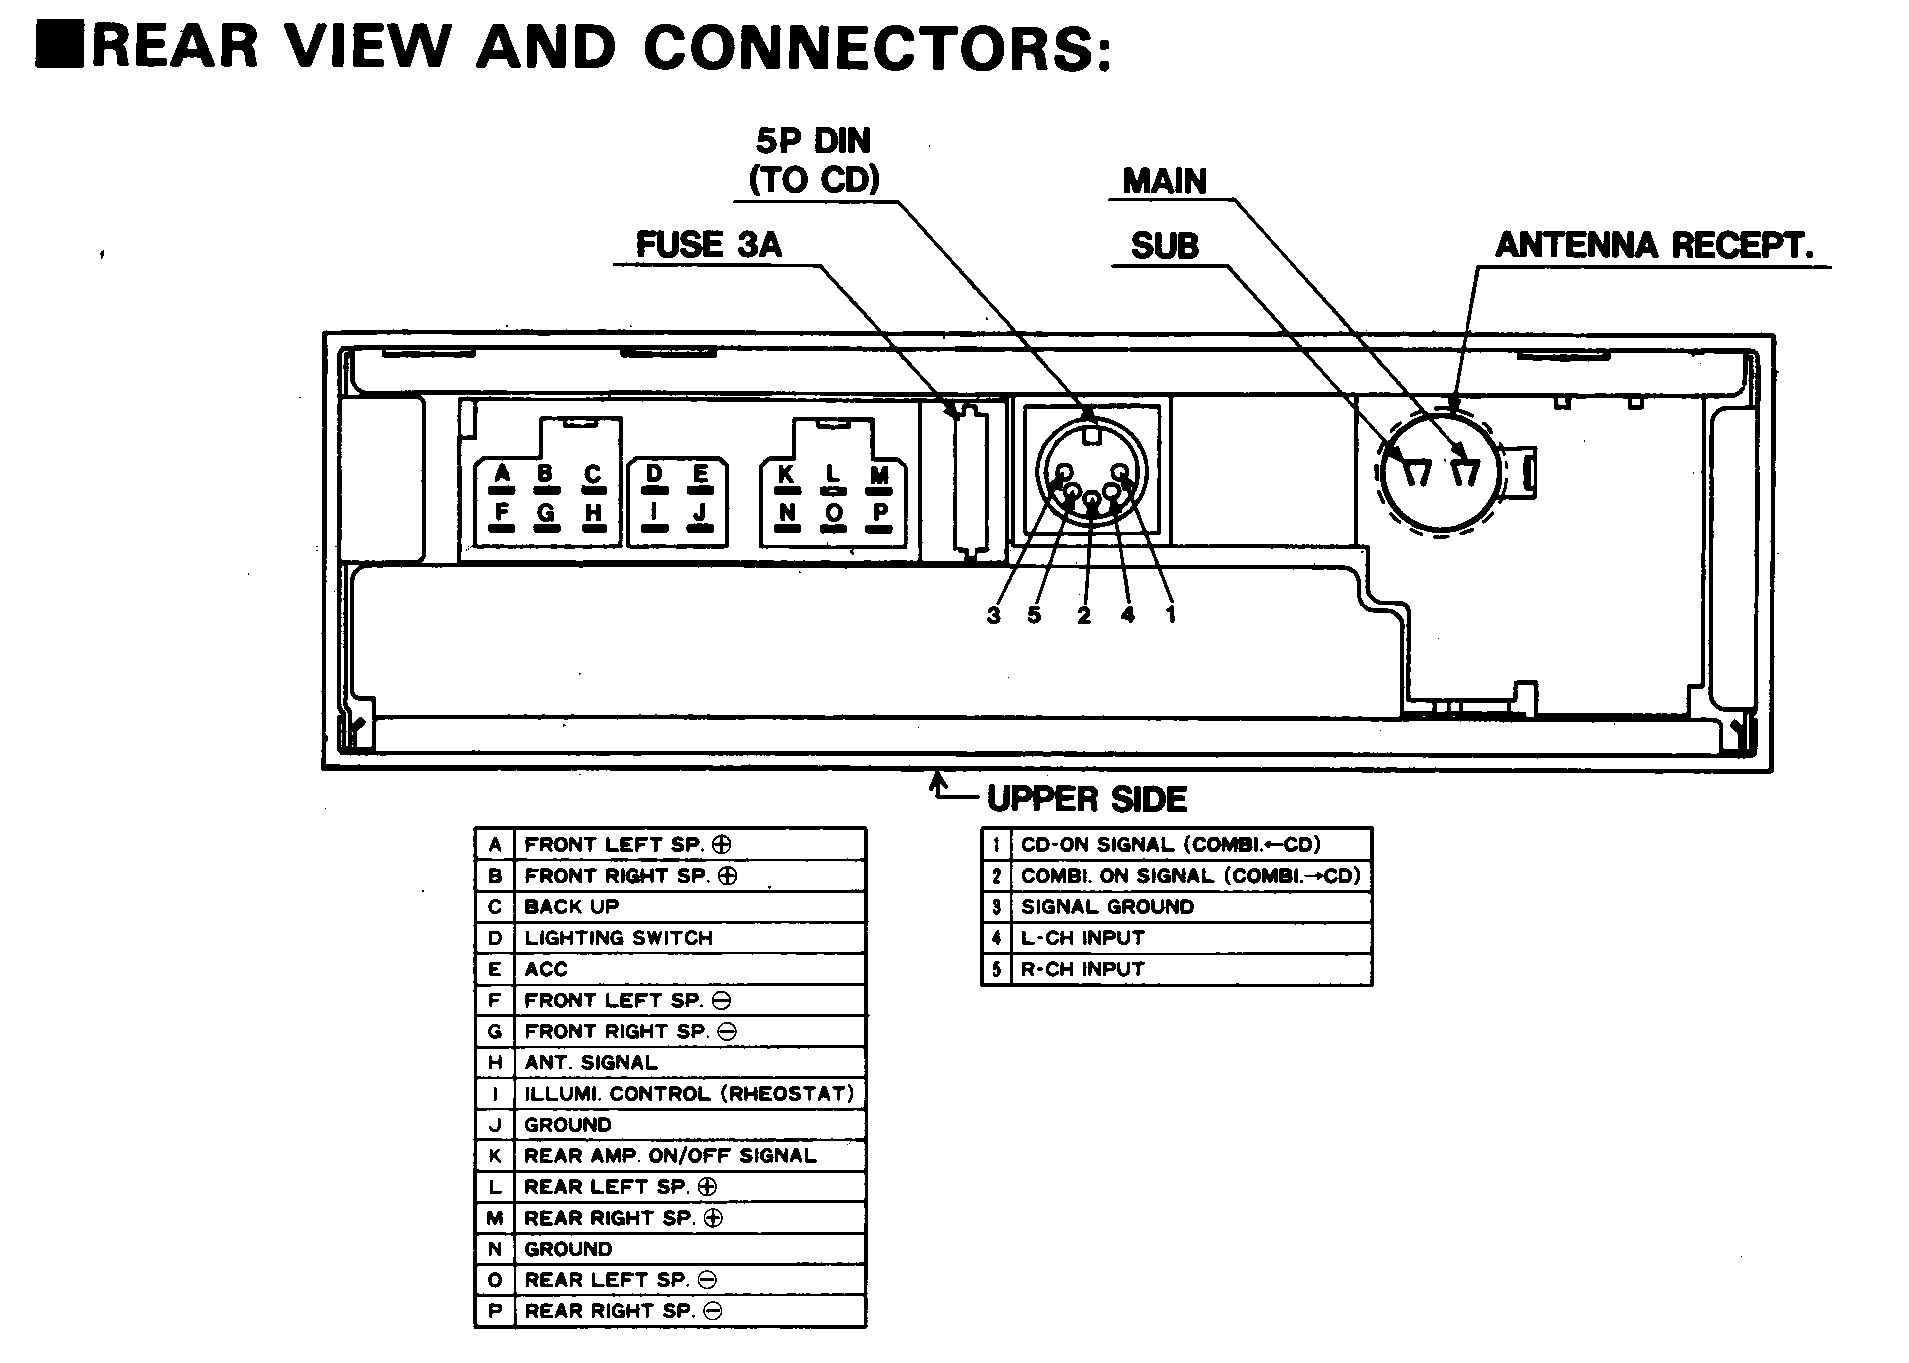 2001 infiniti i30 wiring diagram wiring diagrams2001 infiniti i30 engine diagram wiring diagramwiring diagrams for 2001 infiniti i30 wiring diagram schematicsinfiniti j30